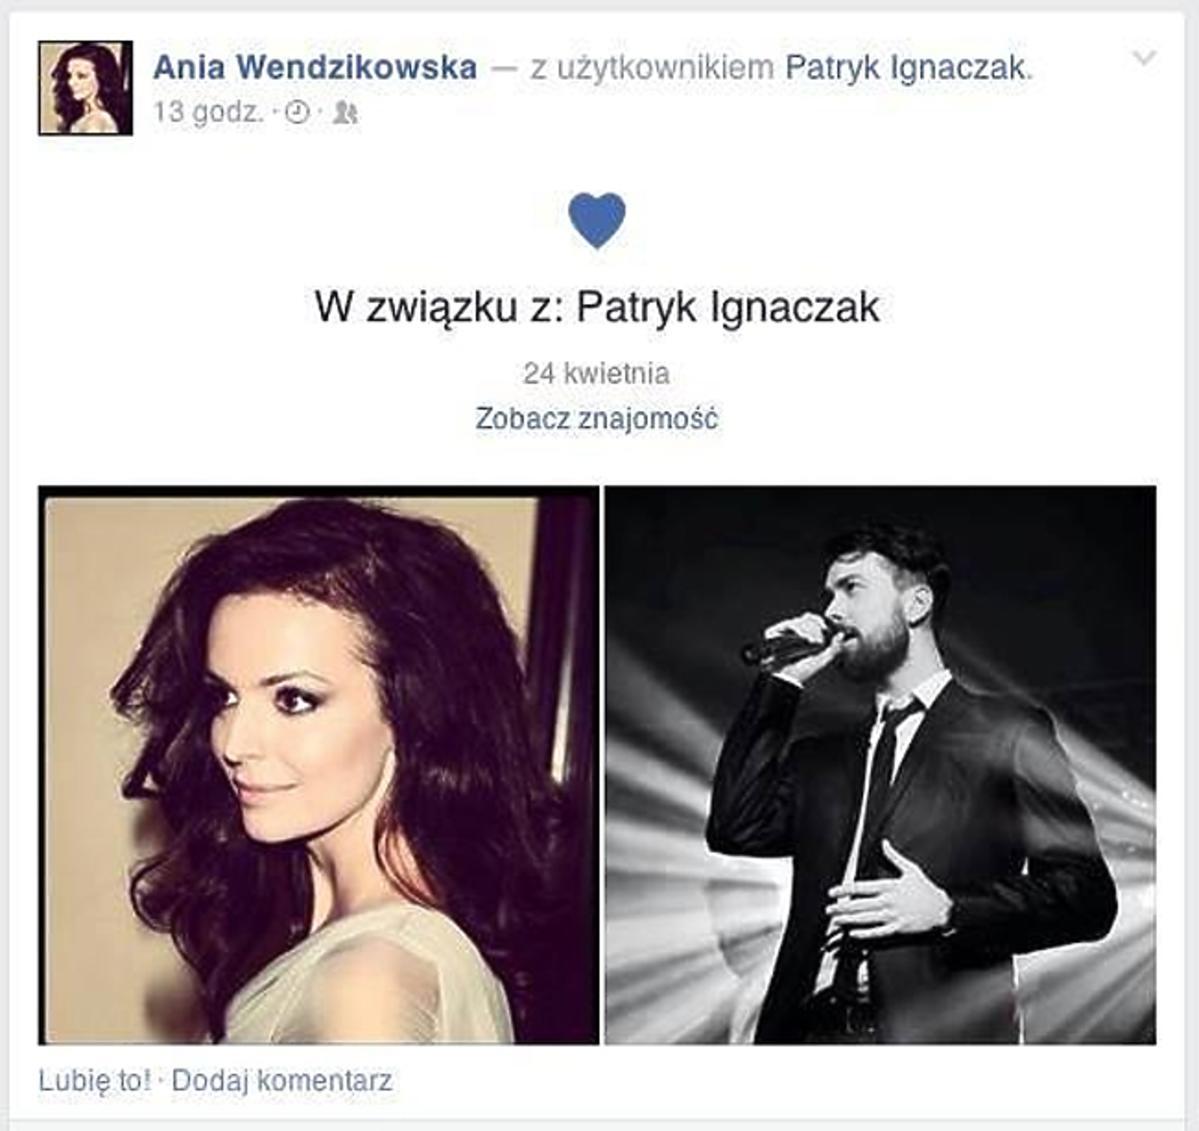 Nowy chłopak Anny Wendzikowskiej. Wendzikowska ma nowego chłopaka. Kim jest nowy facet Anny Wendzikowskiej